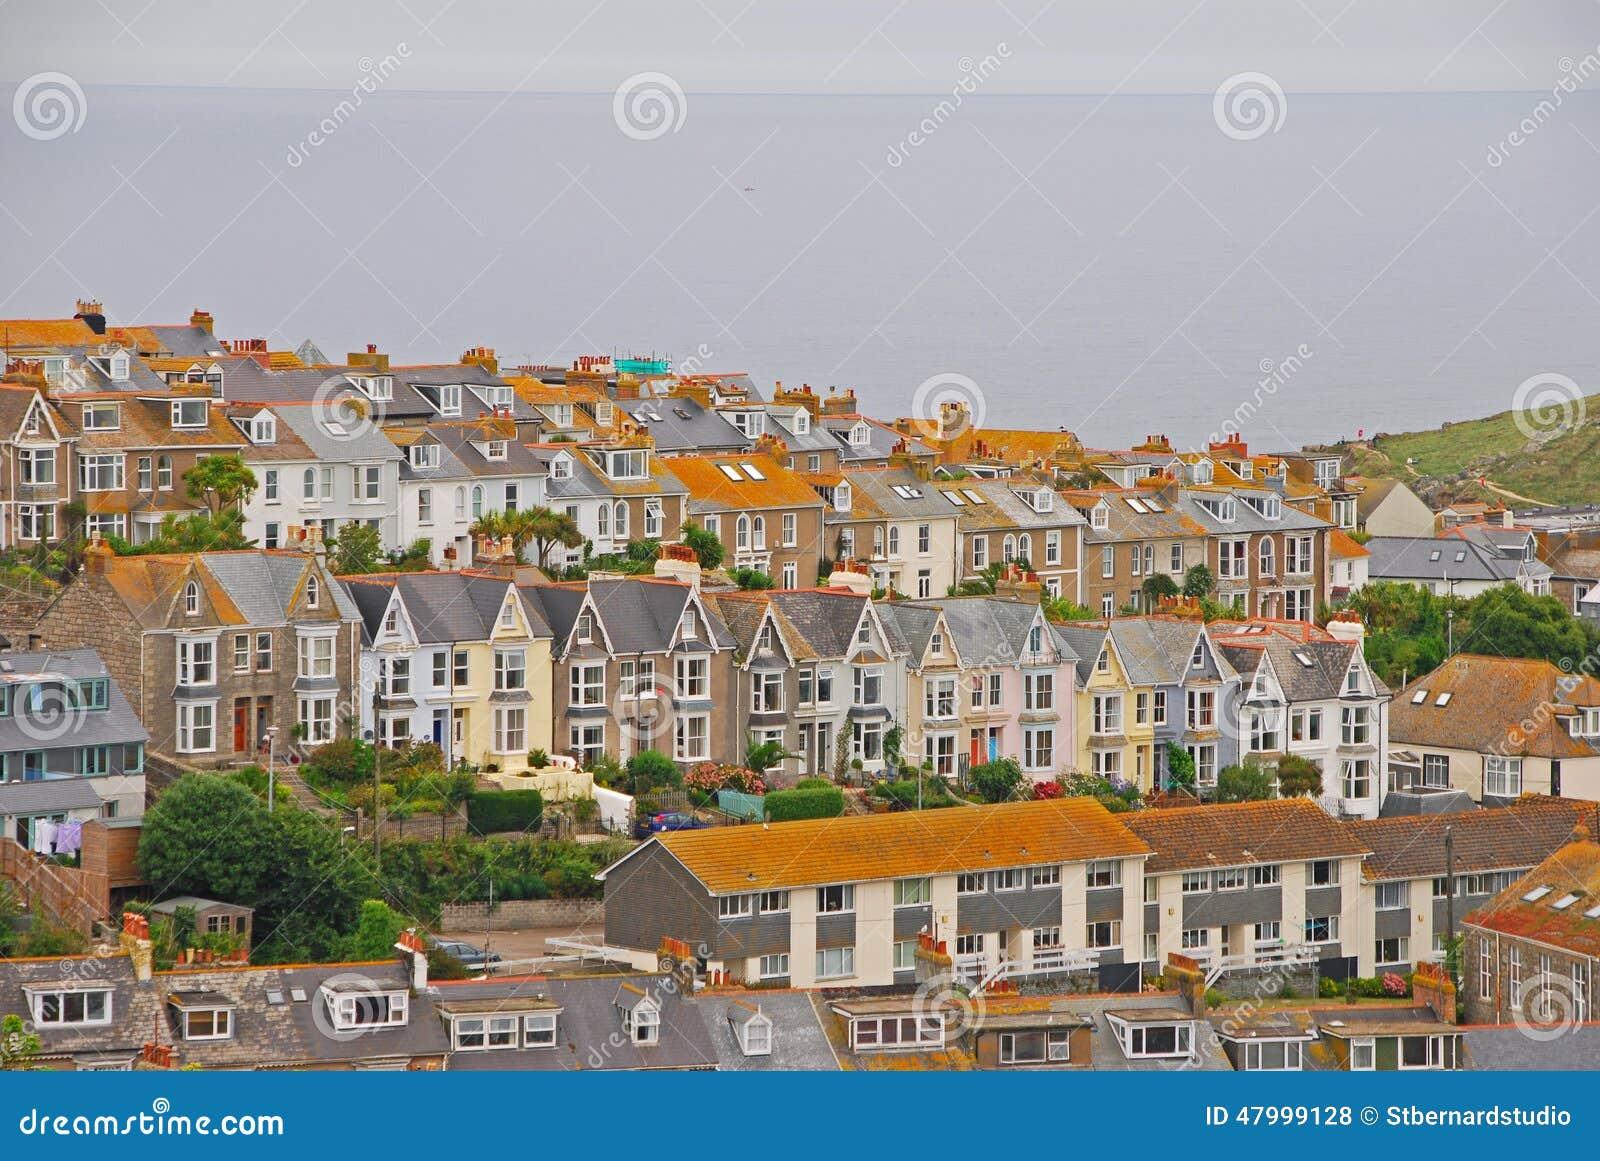 Schöne und einzigartige Architektur von Häusern in St. Ives Cornwall